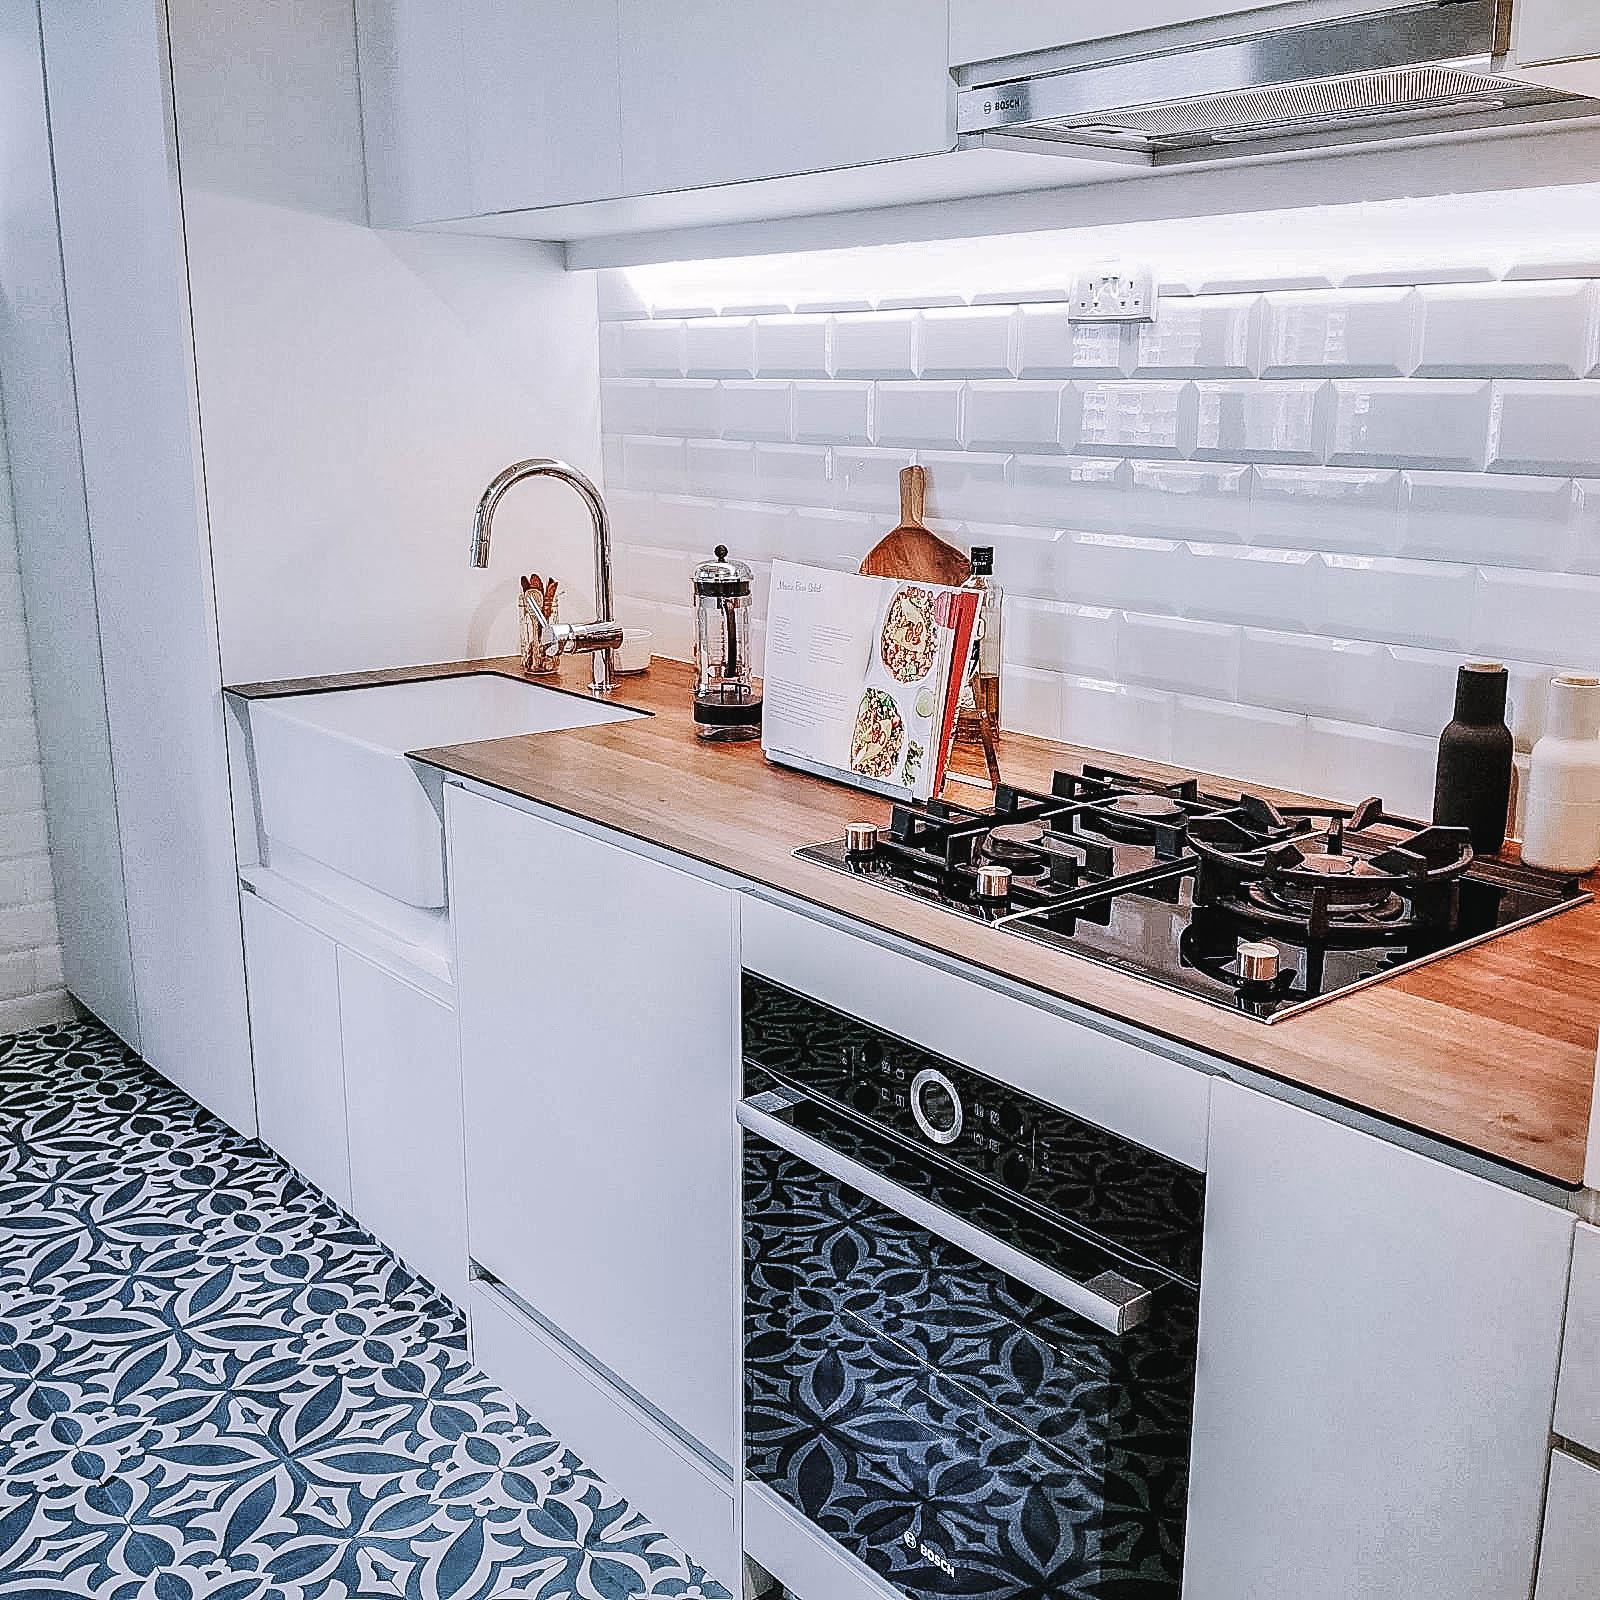 Kitchen Floor Tiles Interior Design Renovation Wooden Countertop